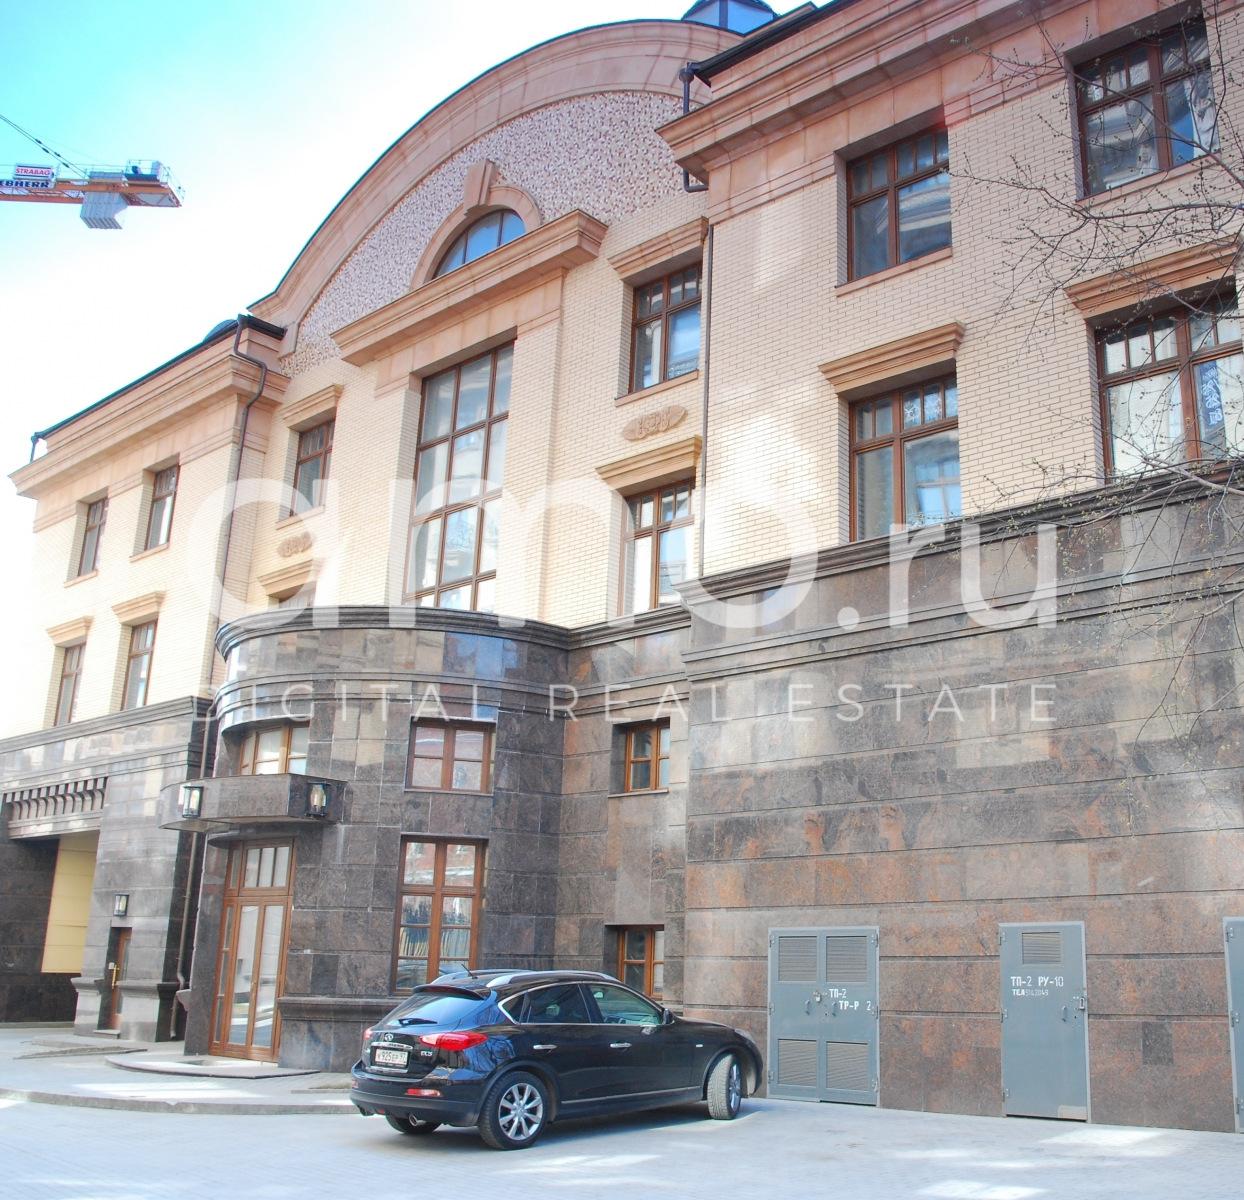 Поиск офисных помещений Турчанинов переулок Снять офис в городе Москва Красностуденческий проезд